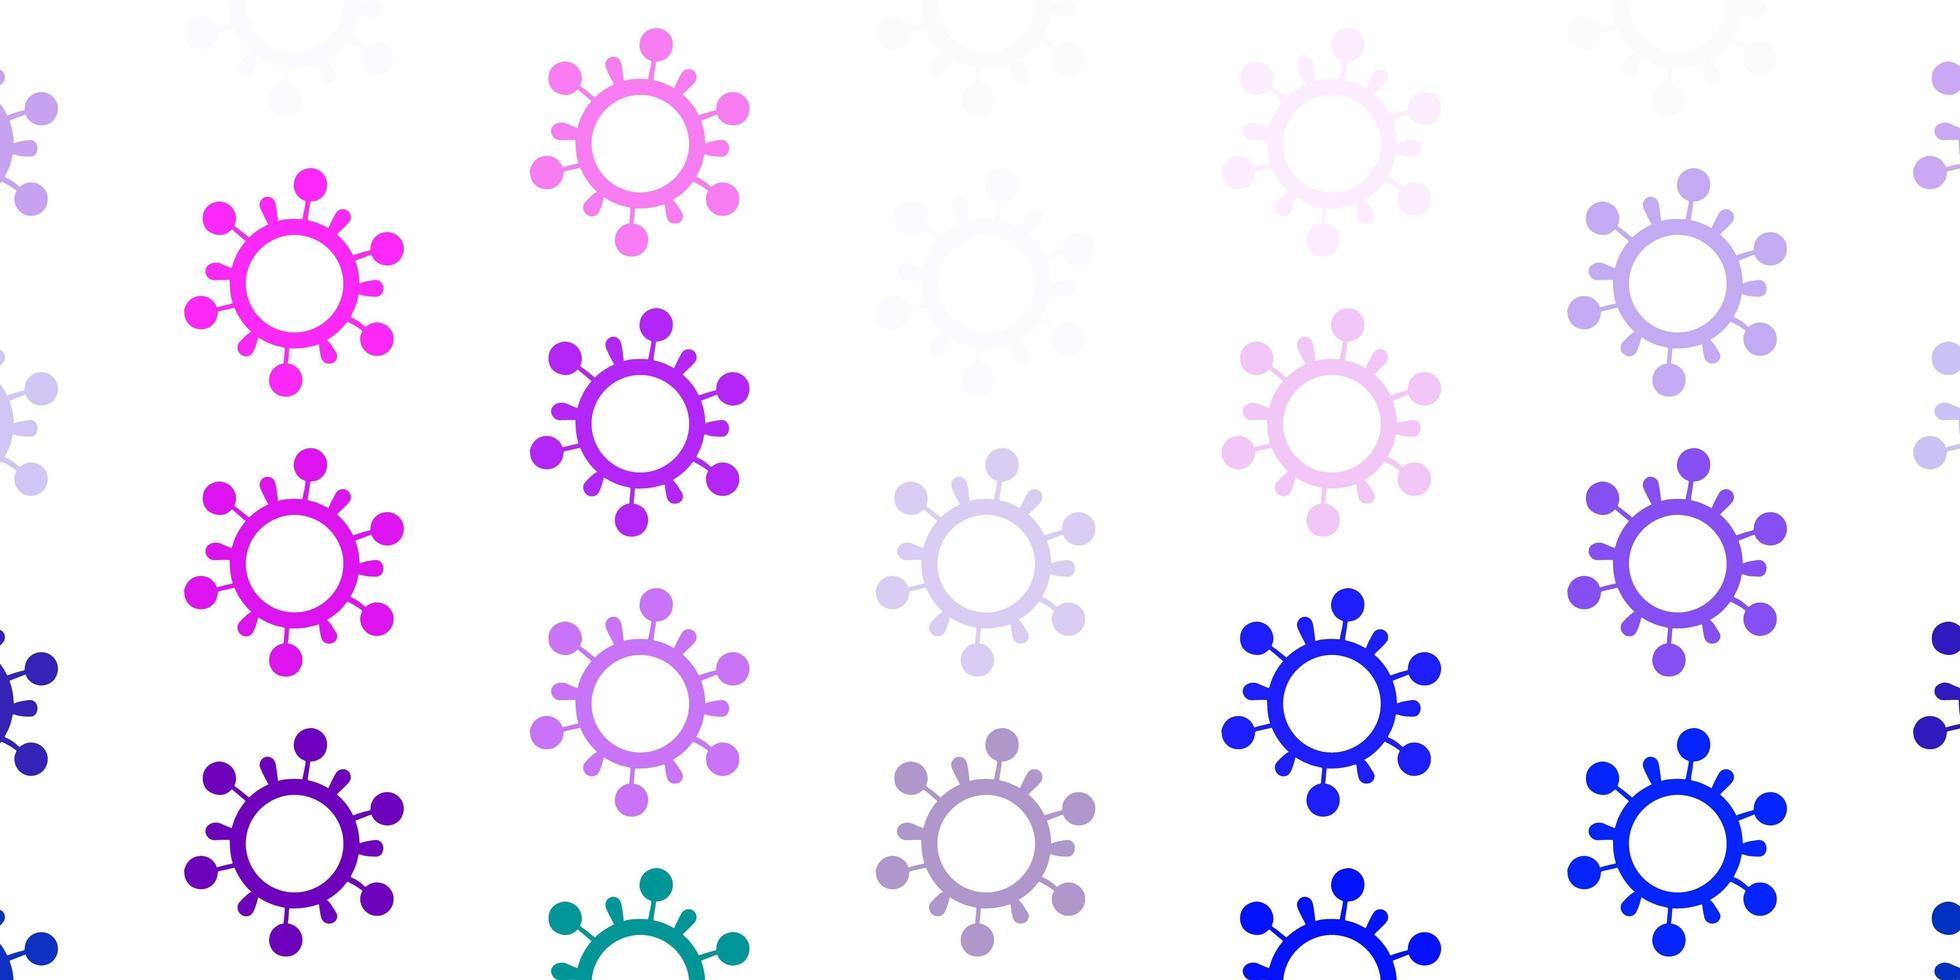 heller mehrfarbiger Vektorhintergrund mit Virensymbolen. vektor